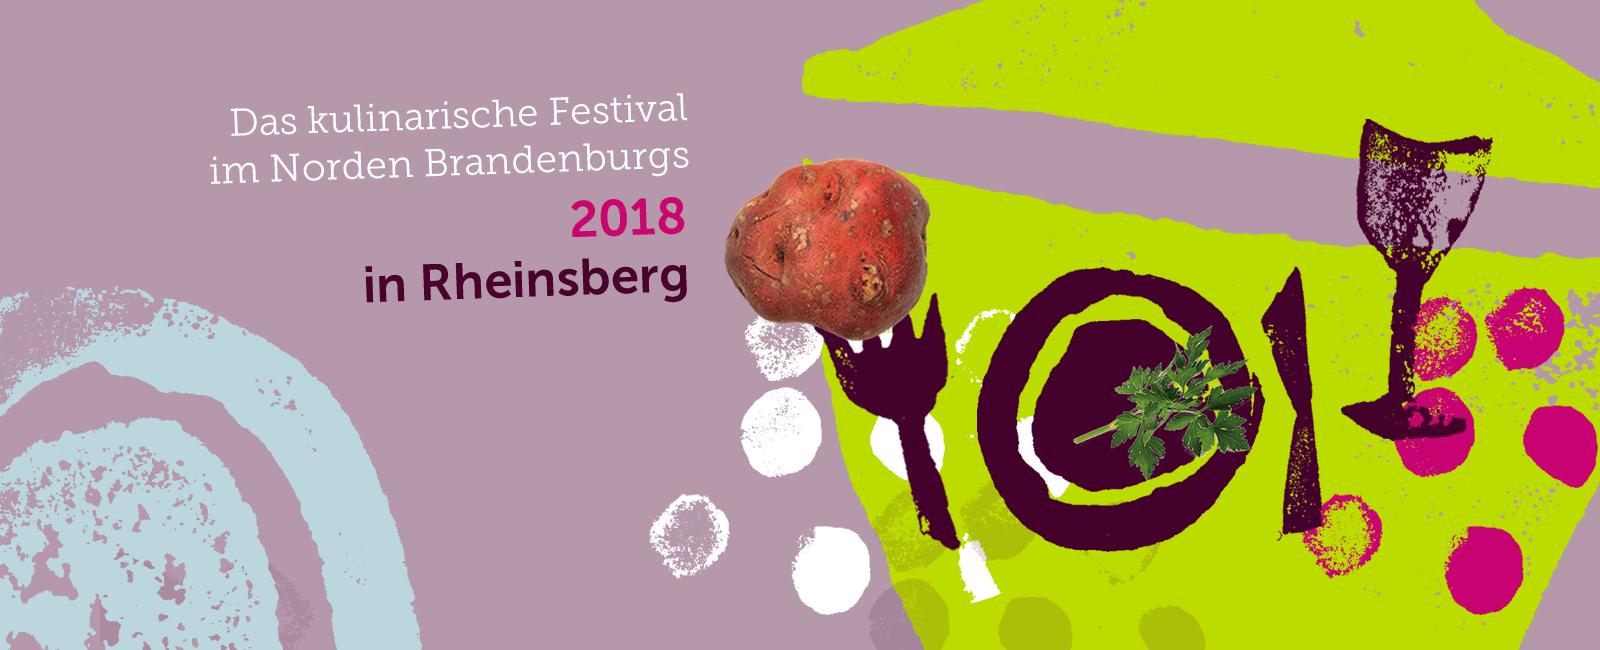 Banner-Solanum-Festival-2018_1